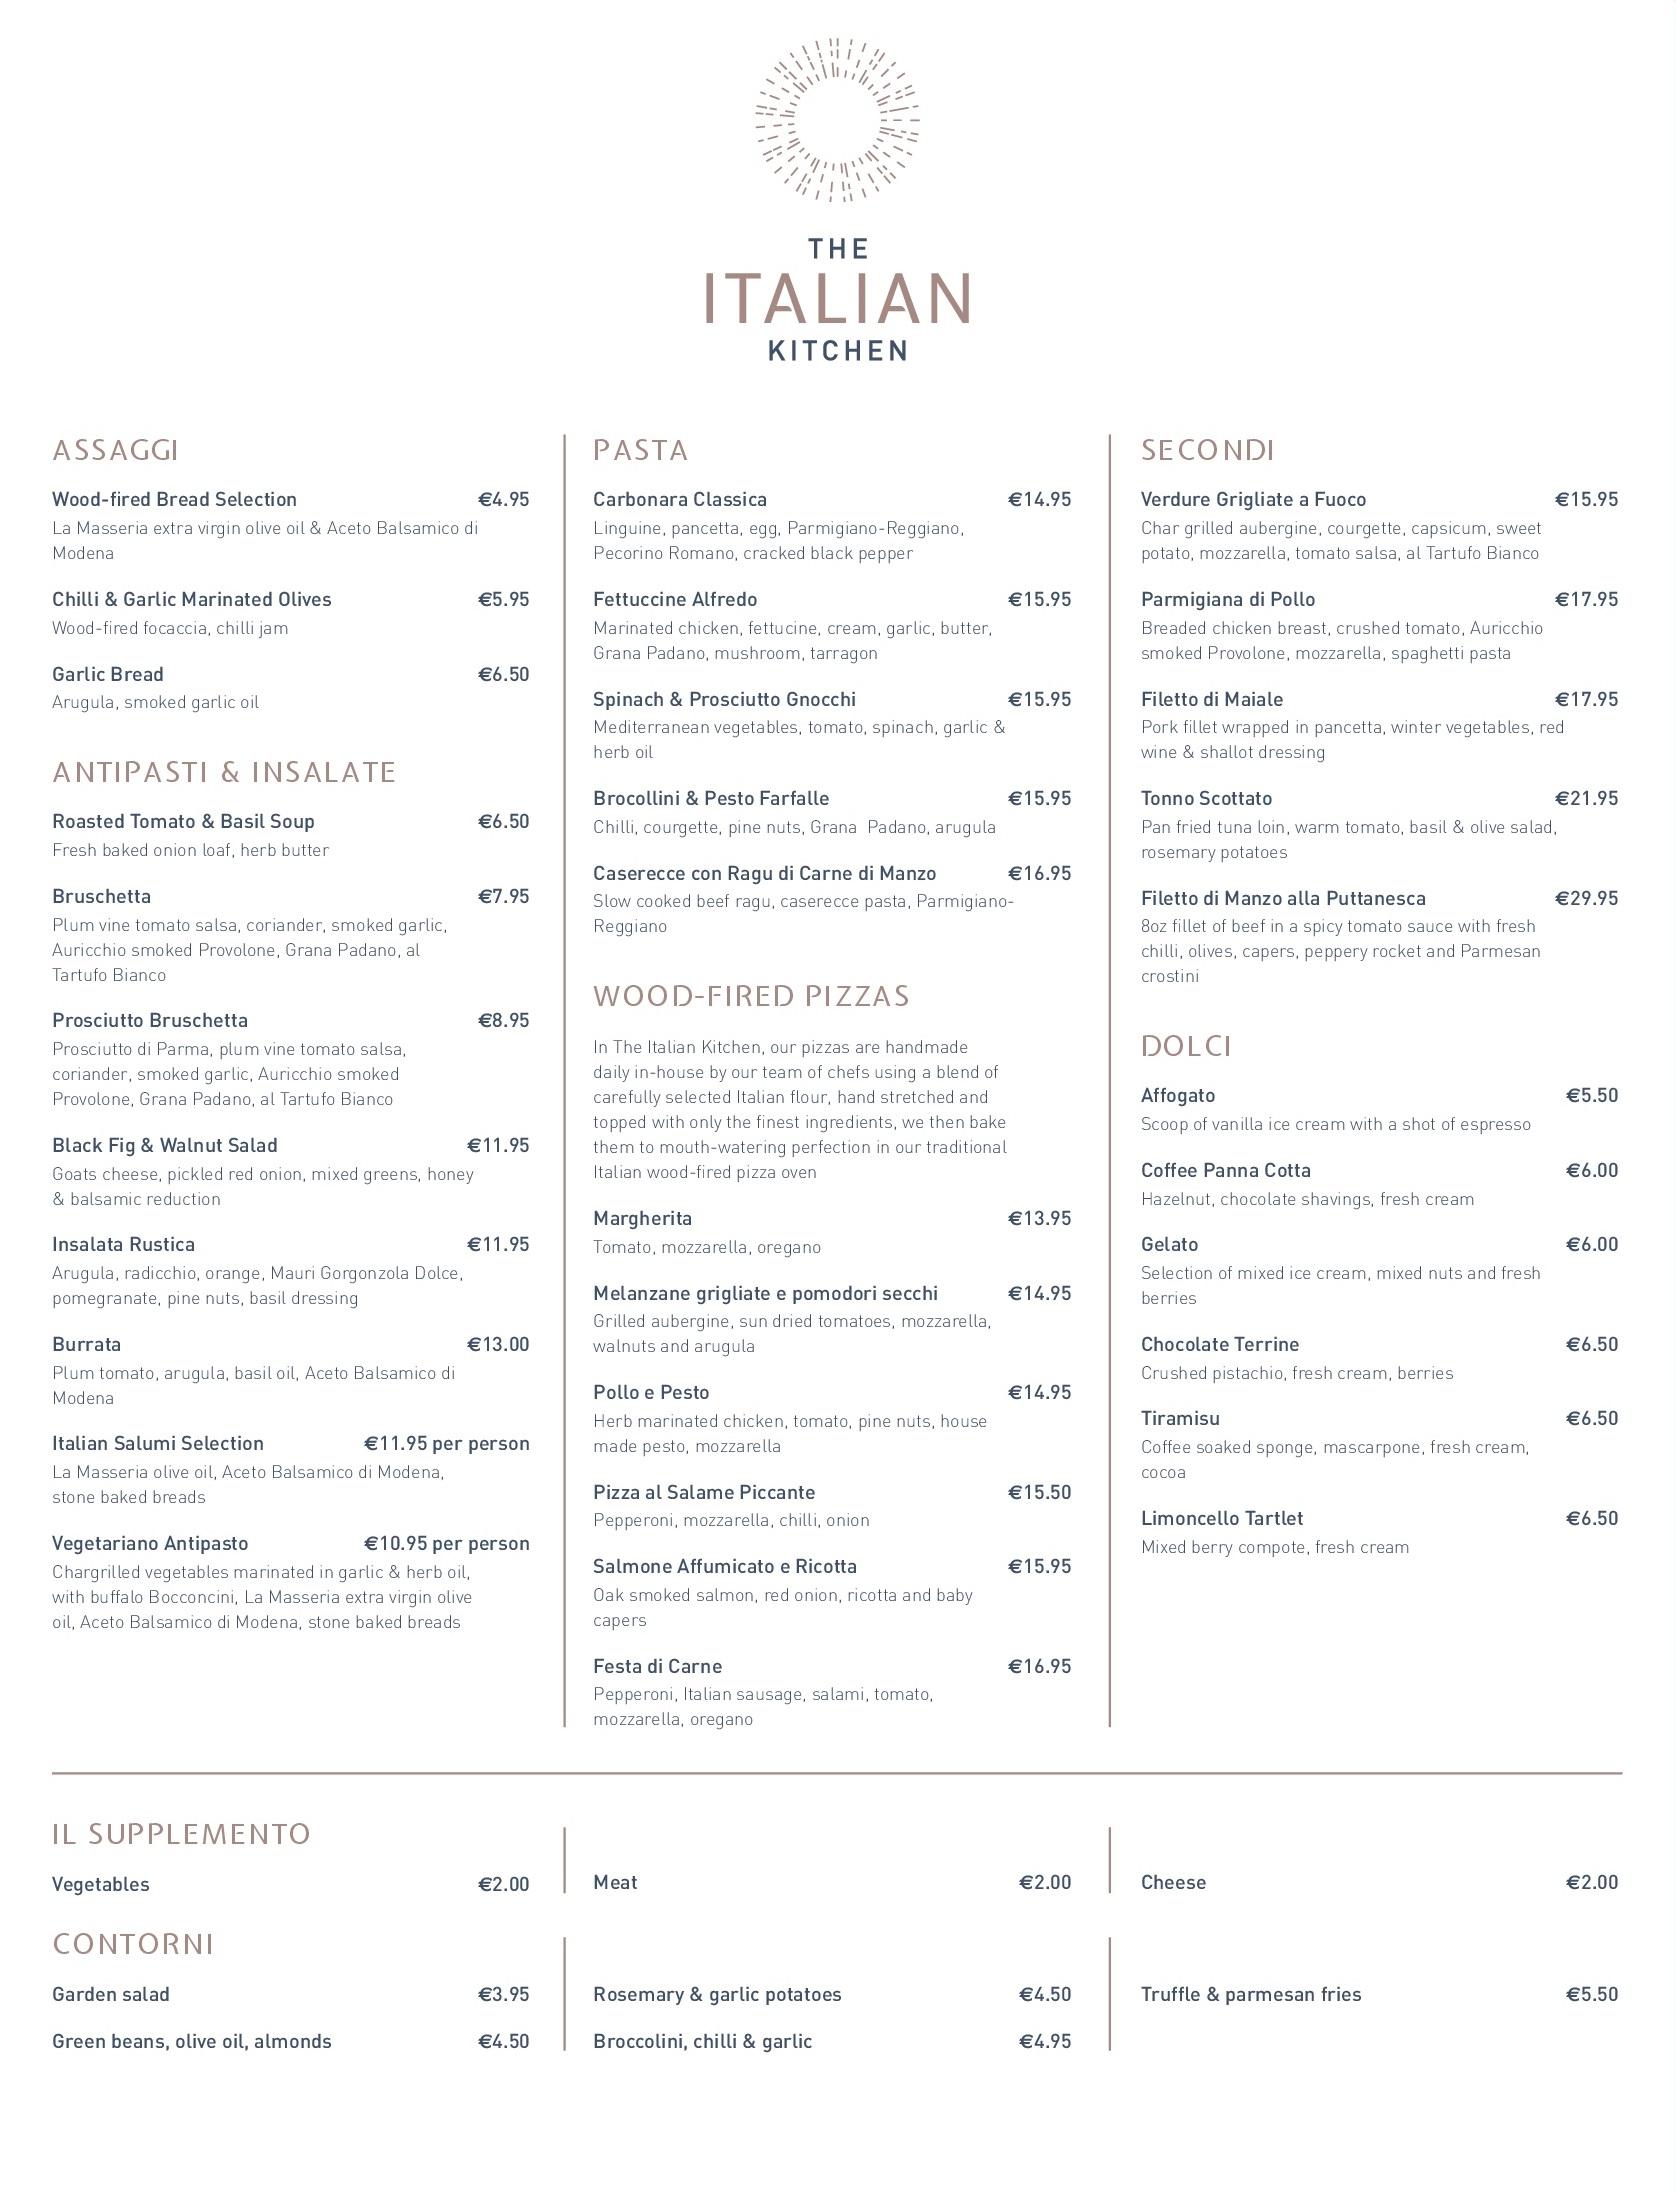 A la carte menu